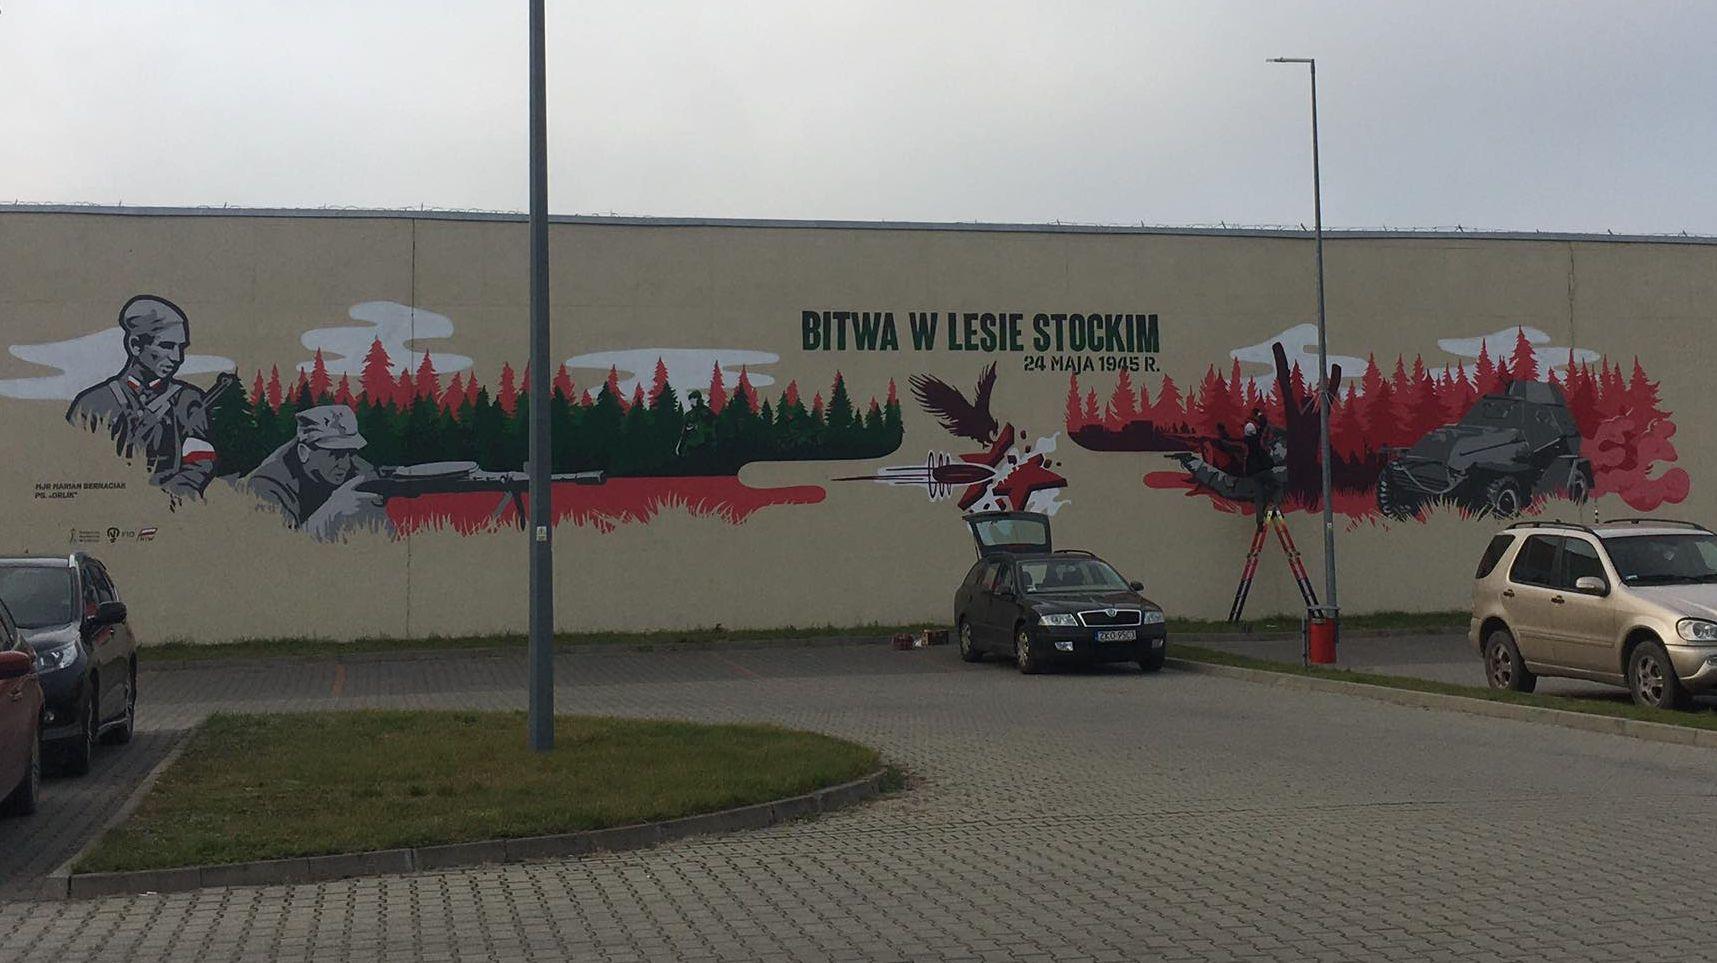 opole lubelskie Na Lubelszczyźnie powstały 3 murale ku czci Żołnierzy Wyklętych. Jeden z nich w Zamościu